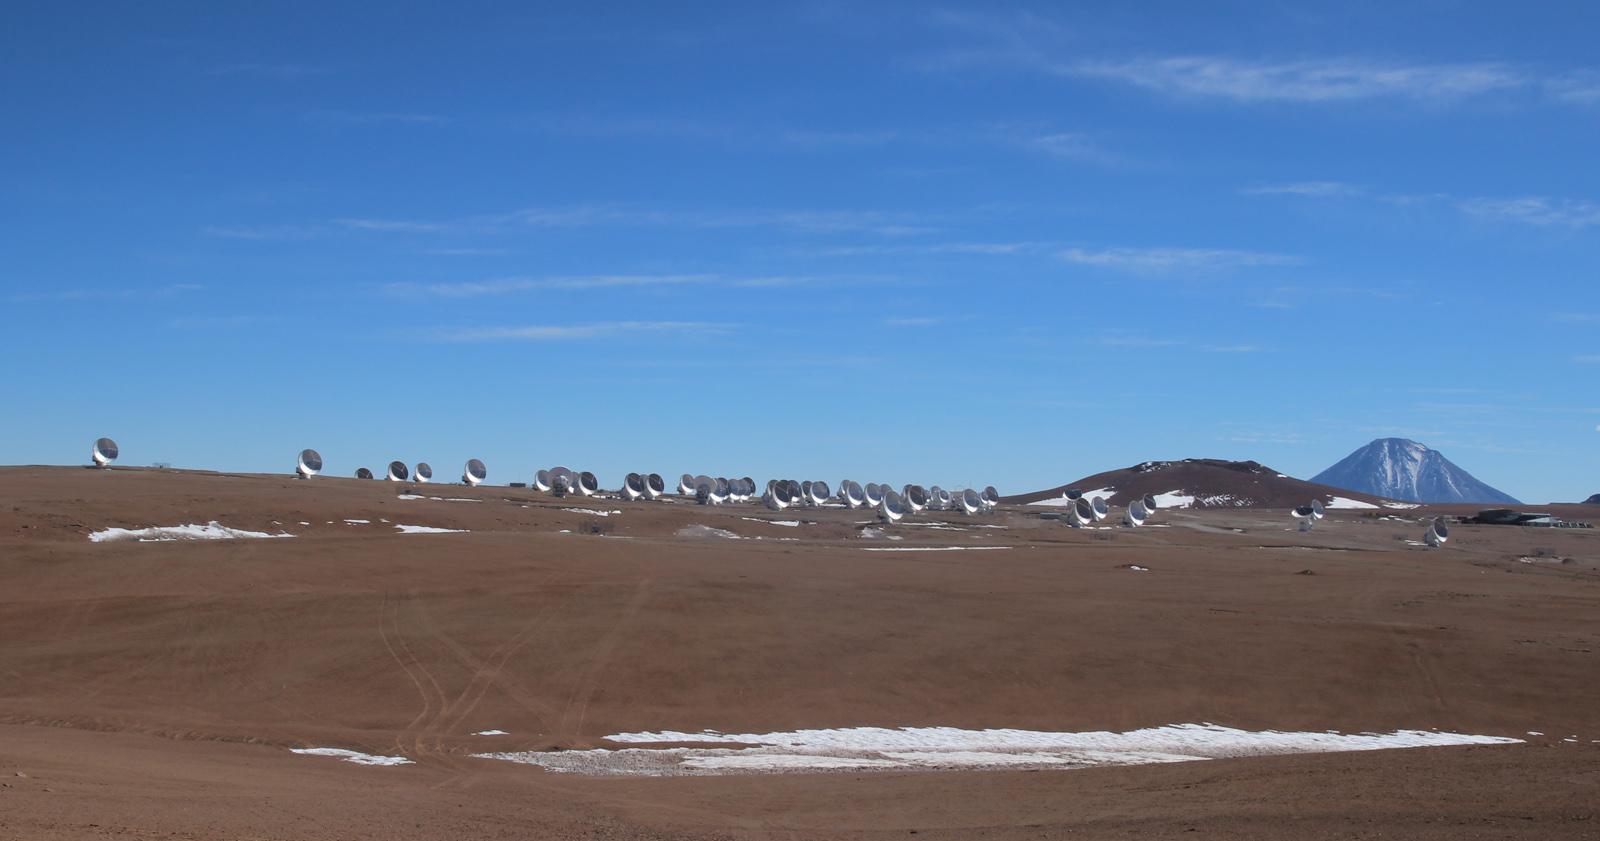 ALMA-Antennen auf dem chilenischen Chajnantor-Hochplateau. Im Hintergrund der 5920 Meter hohe Vulkan Licancabur an der Grenze zu Bolivien.